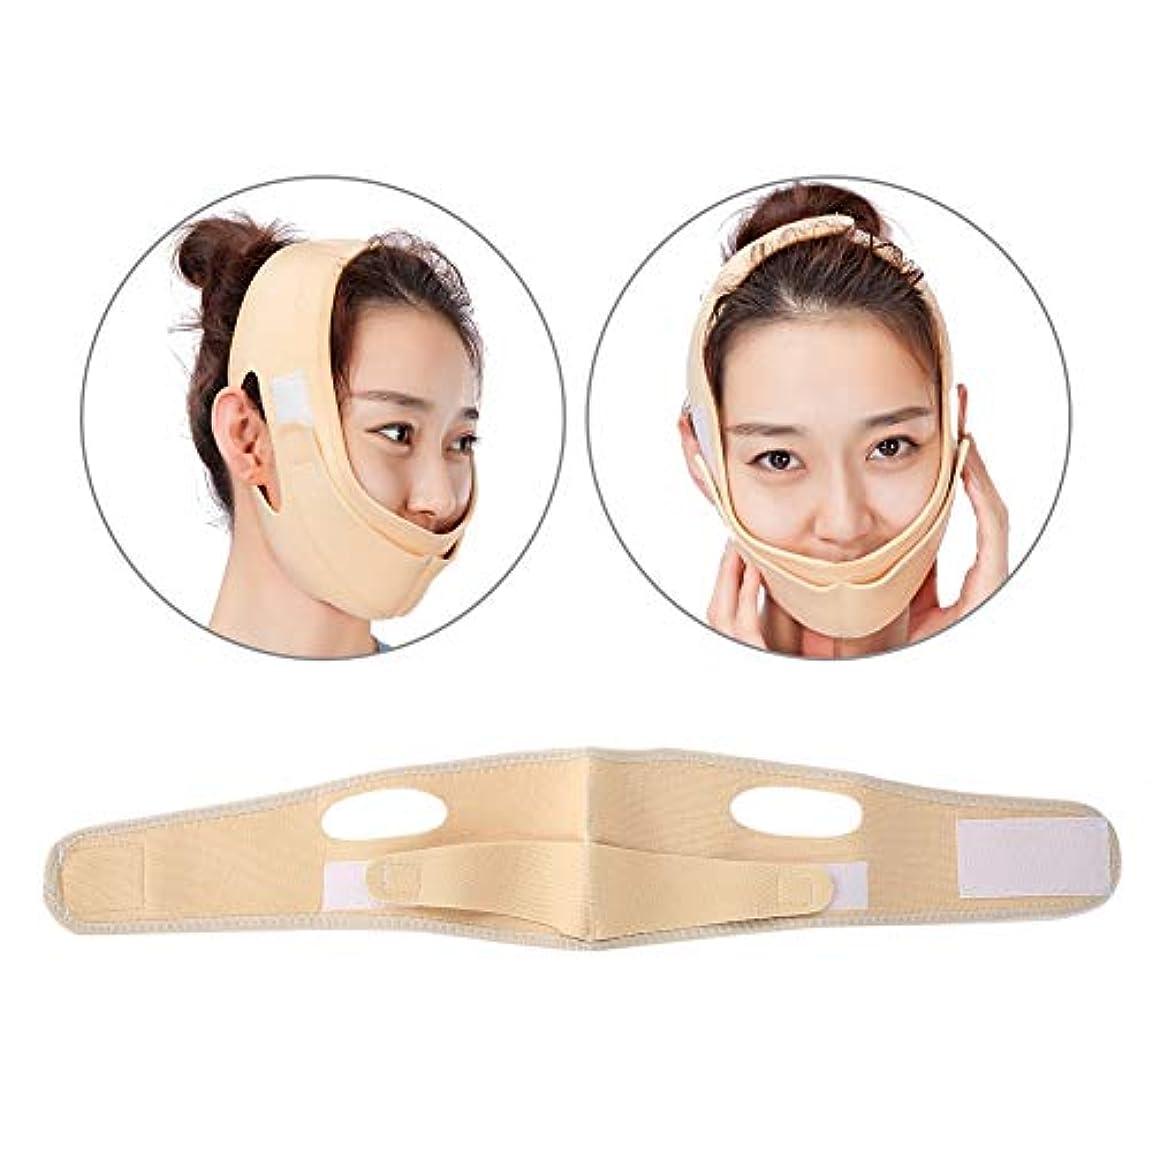 ベルトいとこドループ2タイプフェイスリフティングマスク、ナチュラルVチーク舐め締めベルト、アンチリンクル引き締めスキンマスク、フェイスリフティング減量アンチダブルフェイシャル包帯(1#)